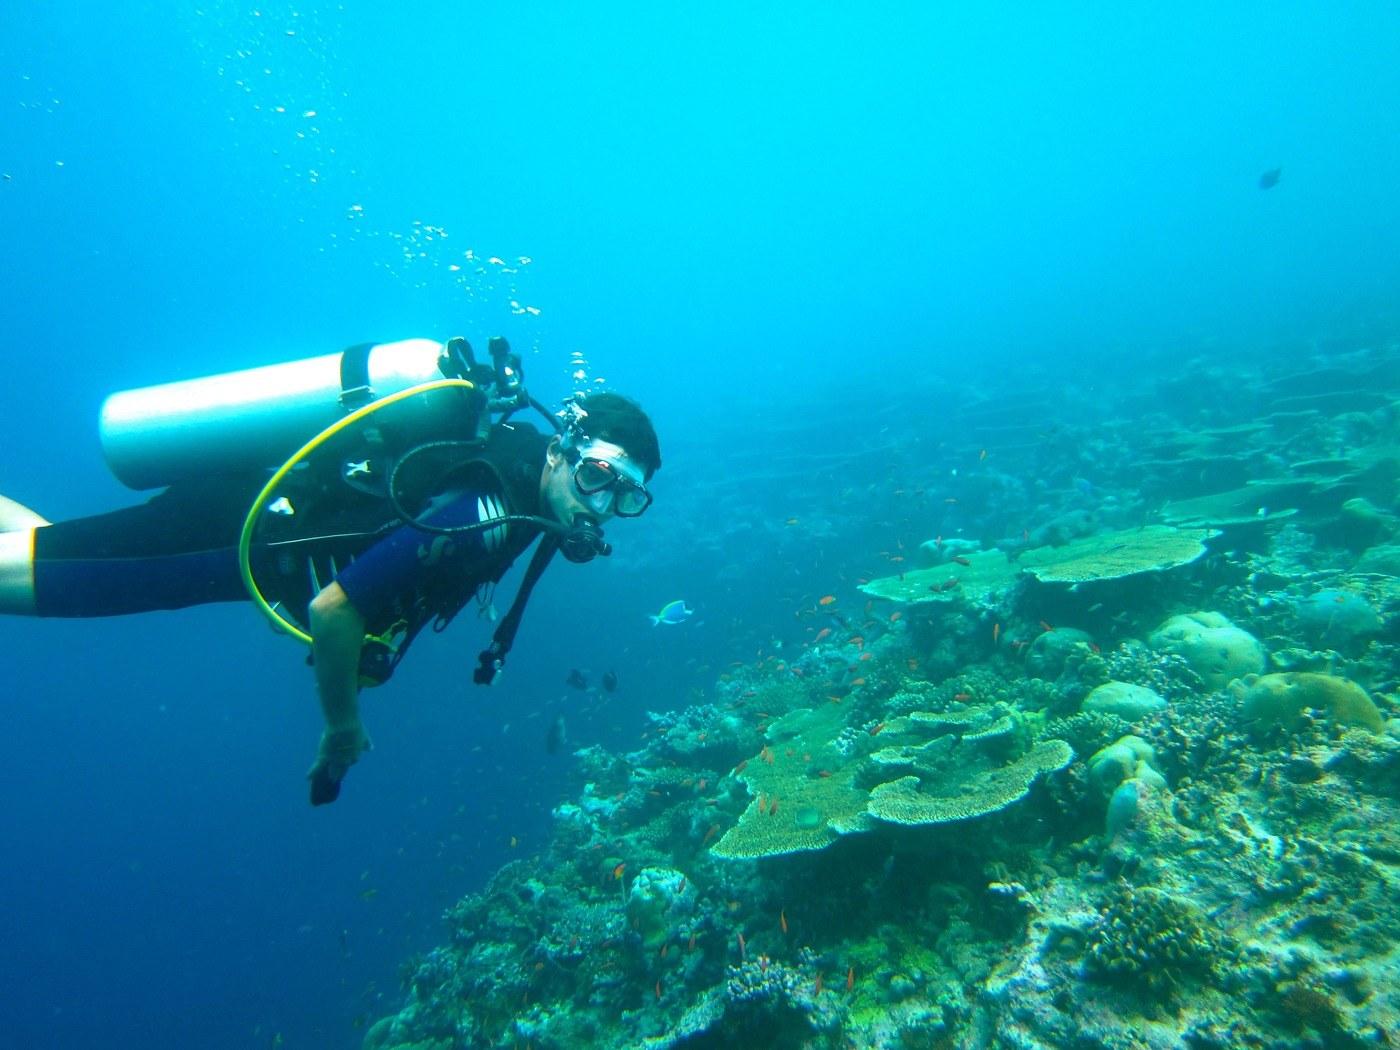 fiji diving scuba dive